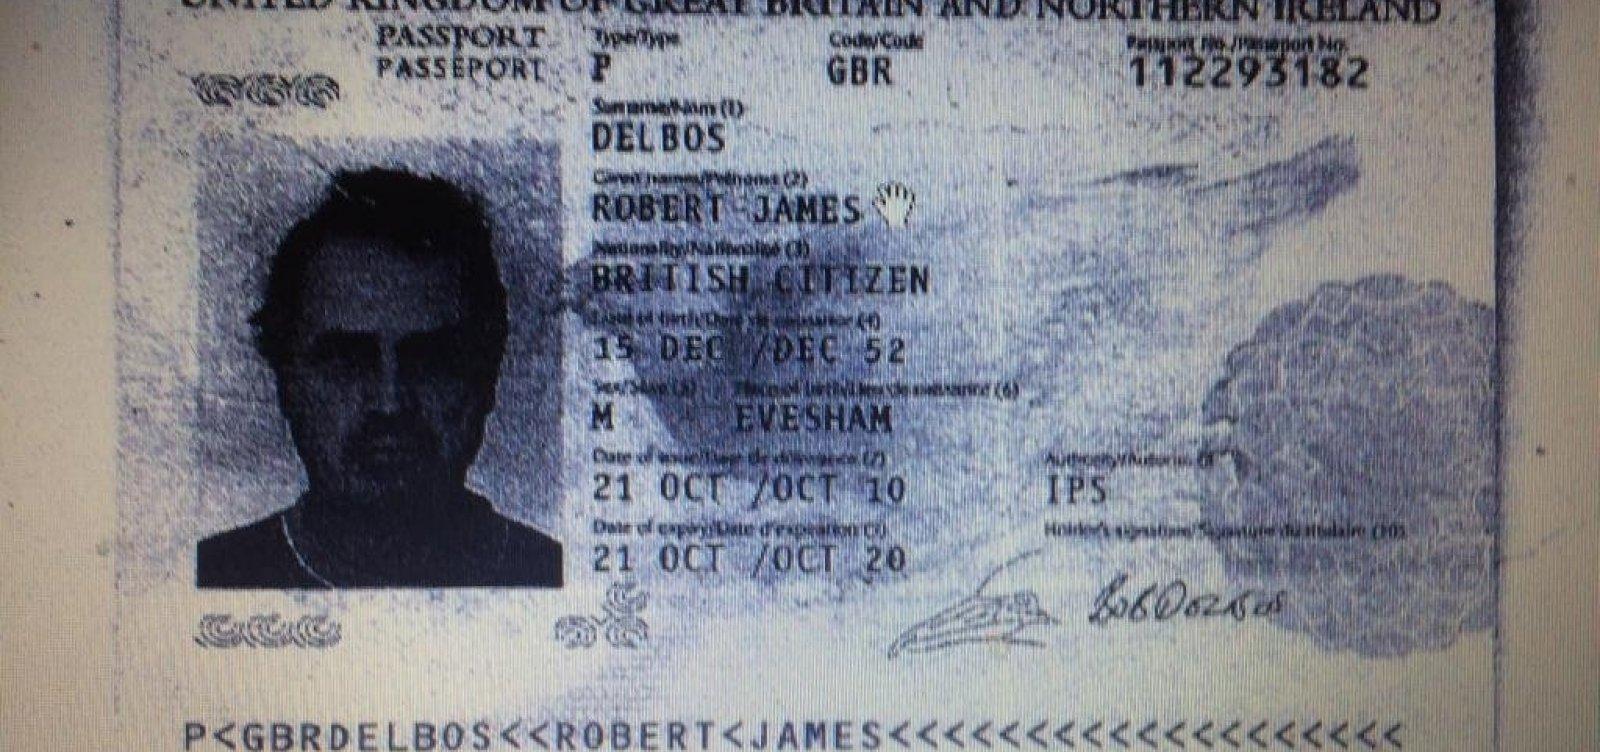 Inglês indiciadopor veleiro com 1t de cocaína em Cabo Verde é extraditado